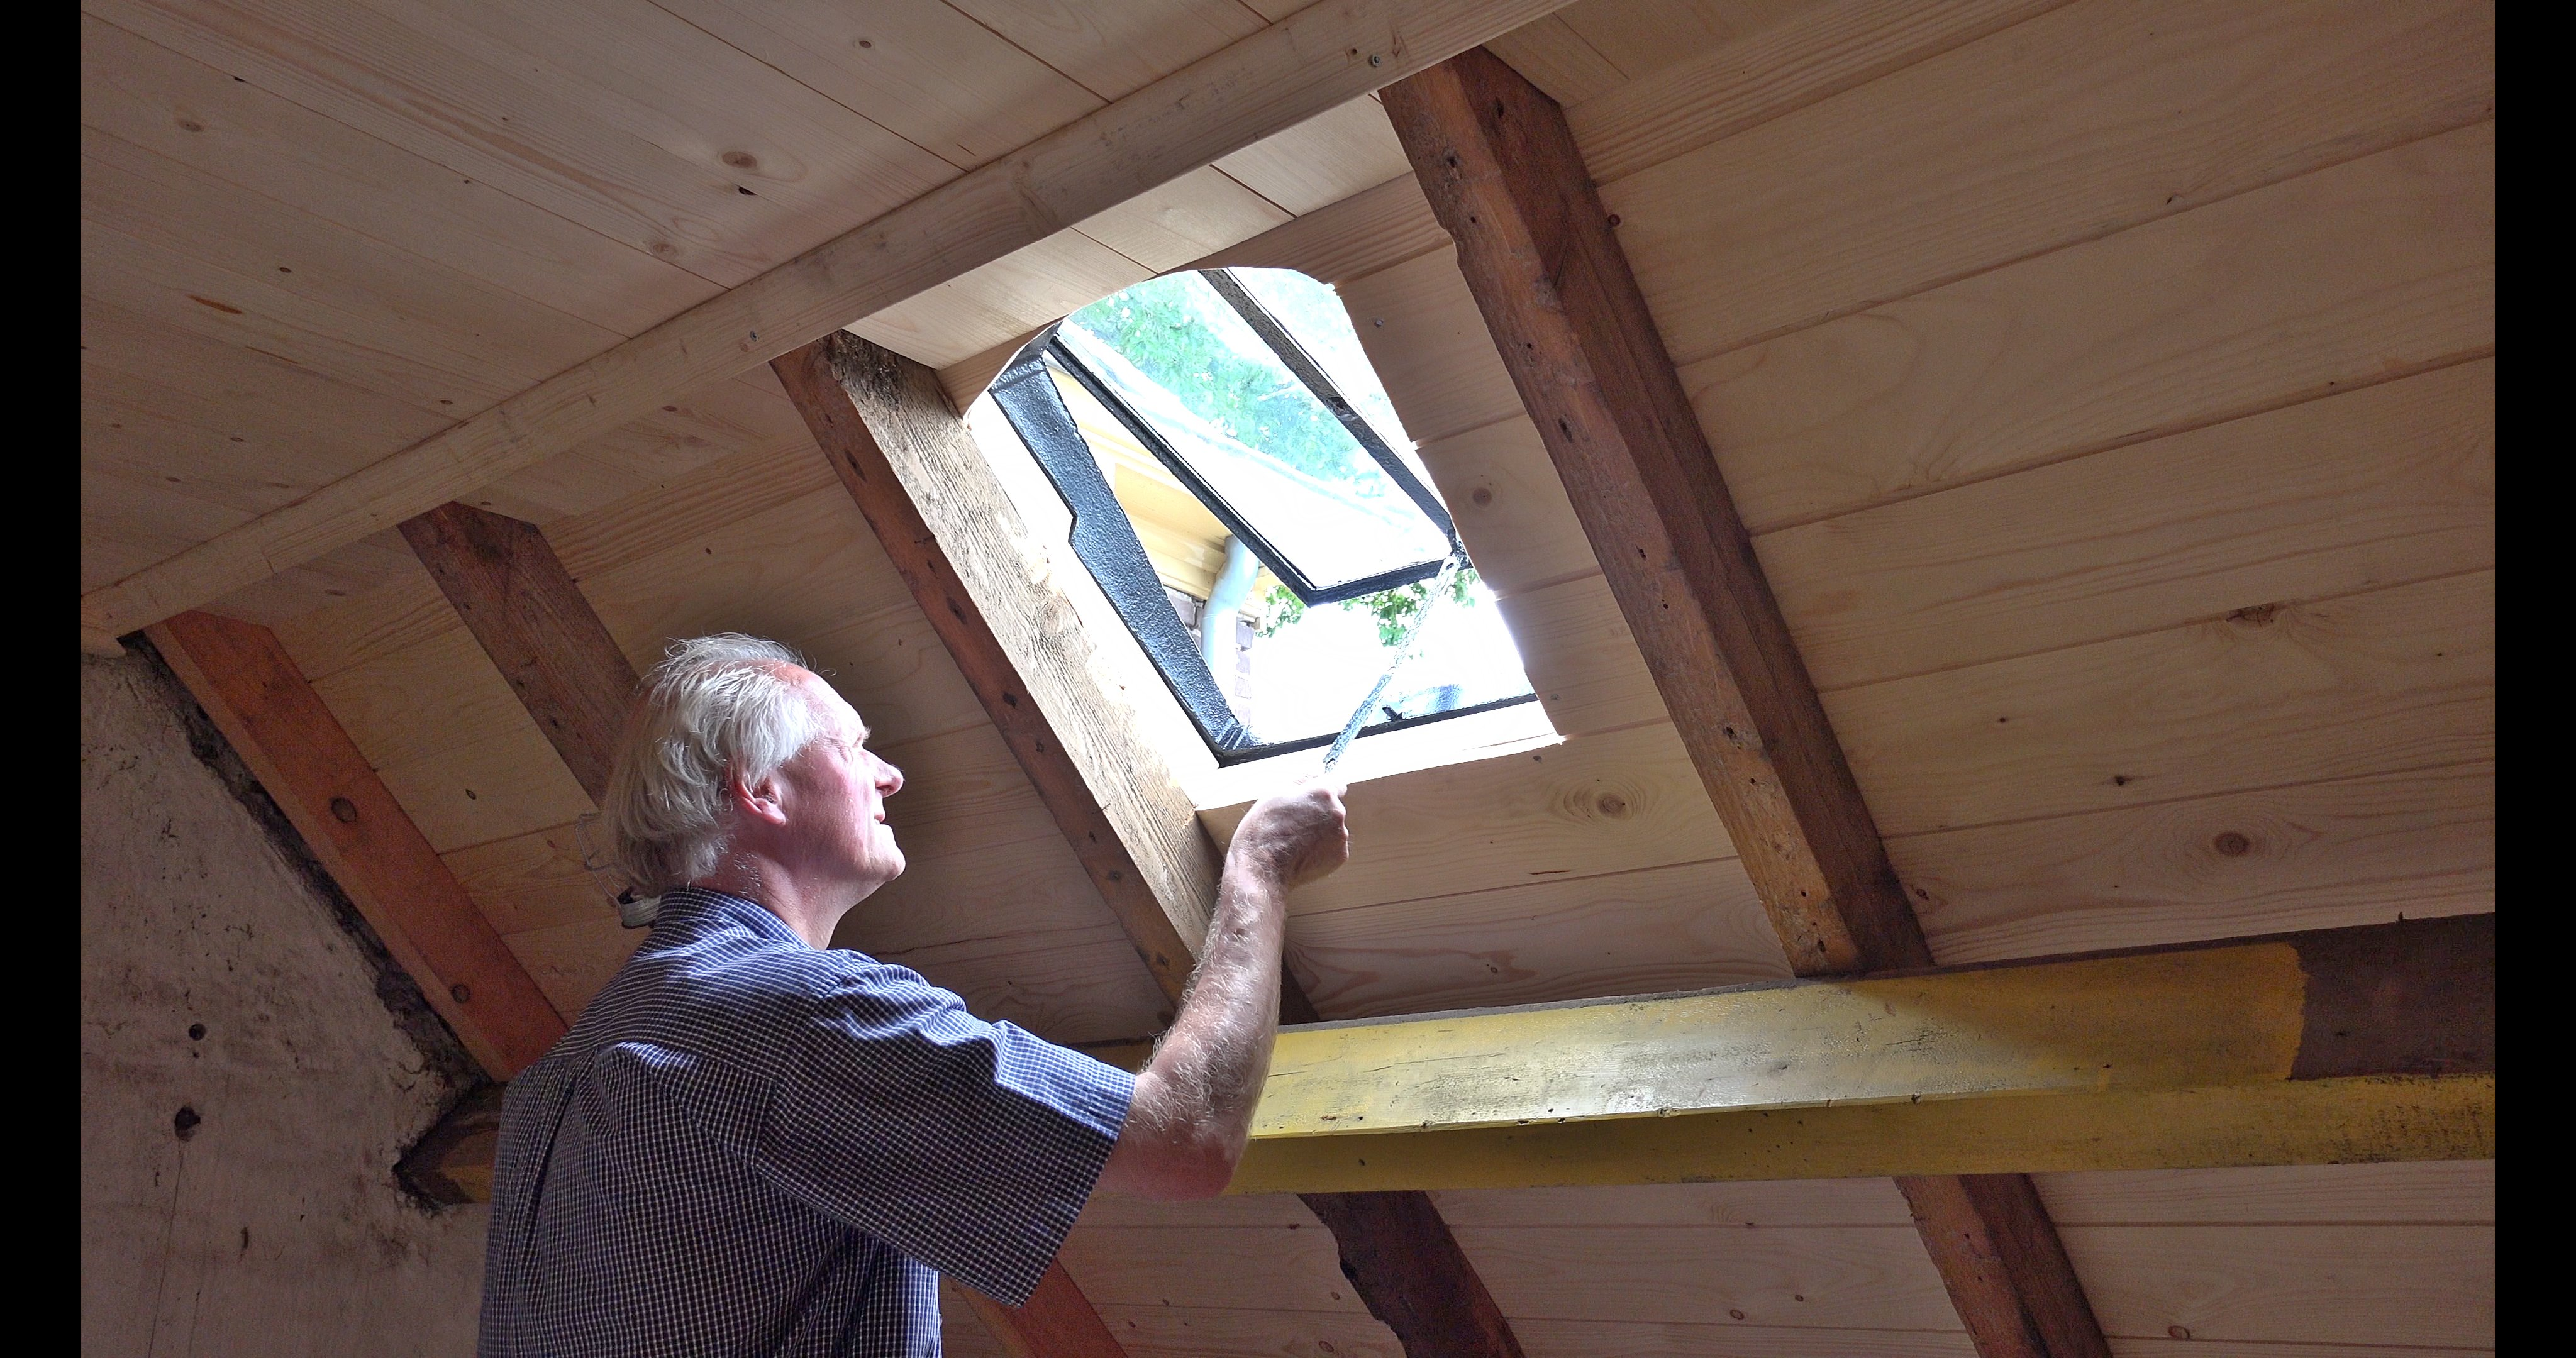 Han opent het dakraam in de knechtenkamer.